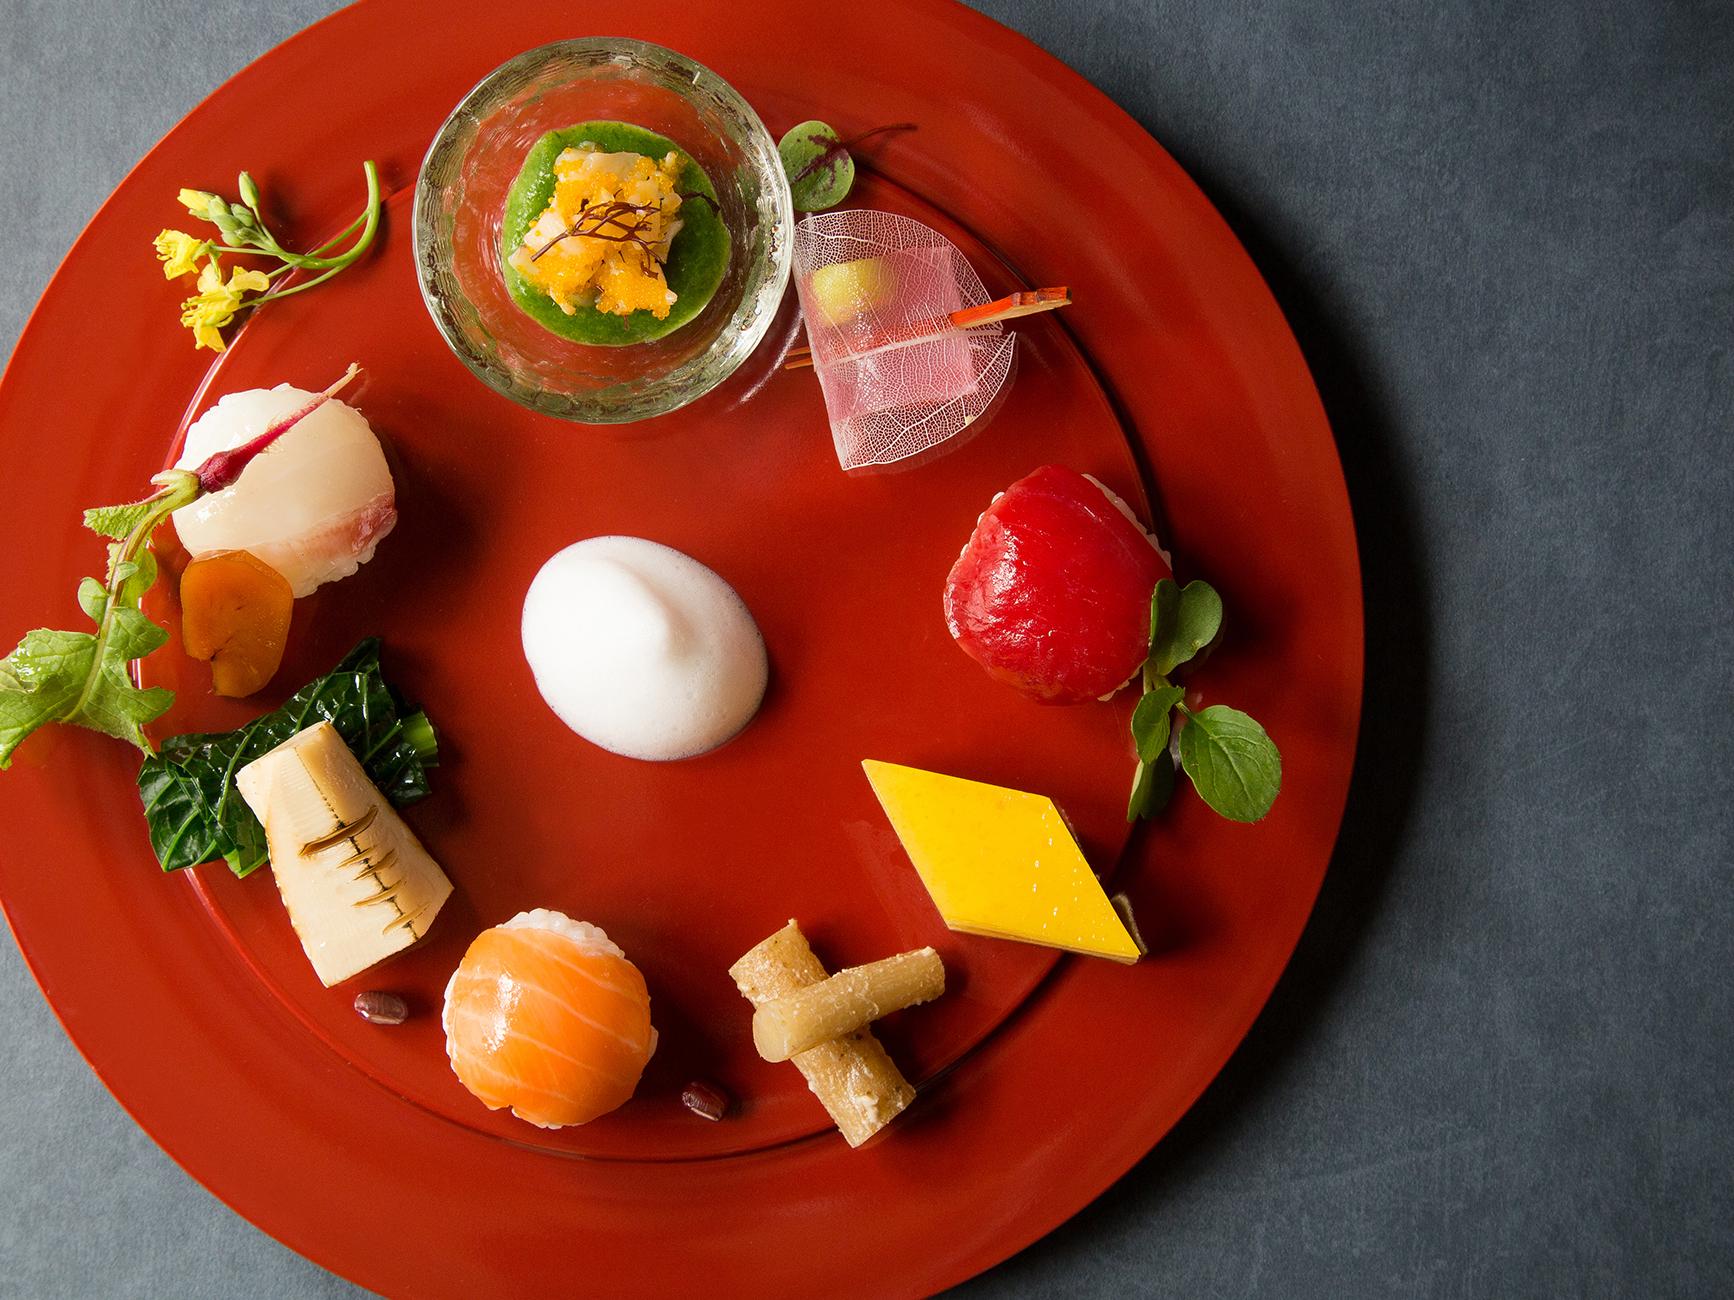 見た目でも楽しめるように細かいところまで 計算しつくされた芸術的料理。 レストランとしても人気の会場だ